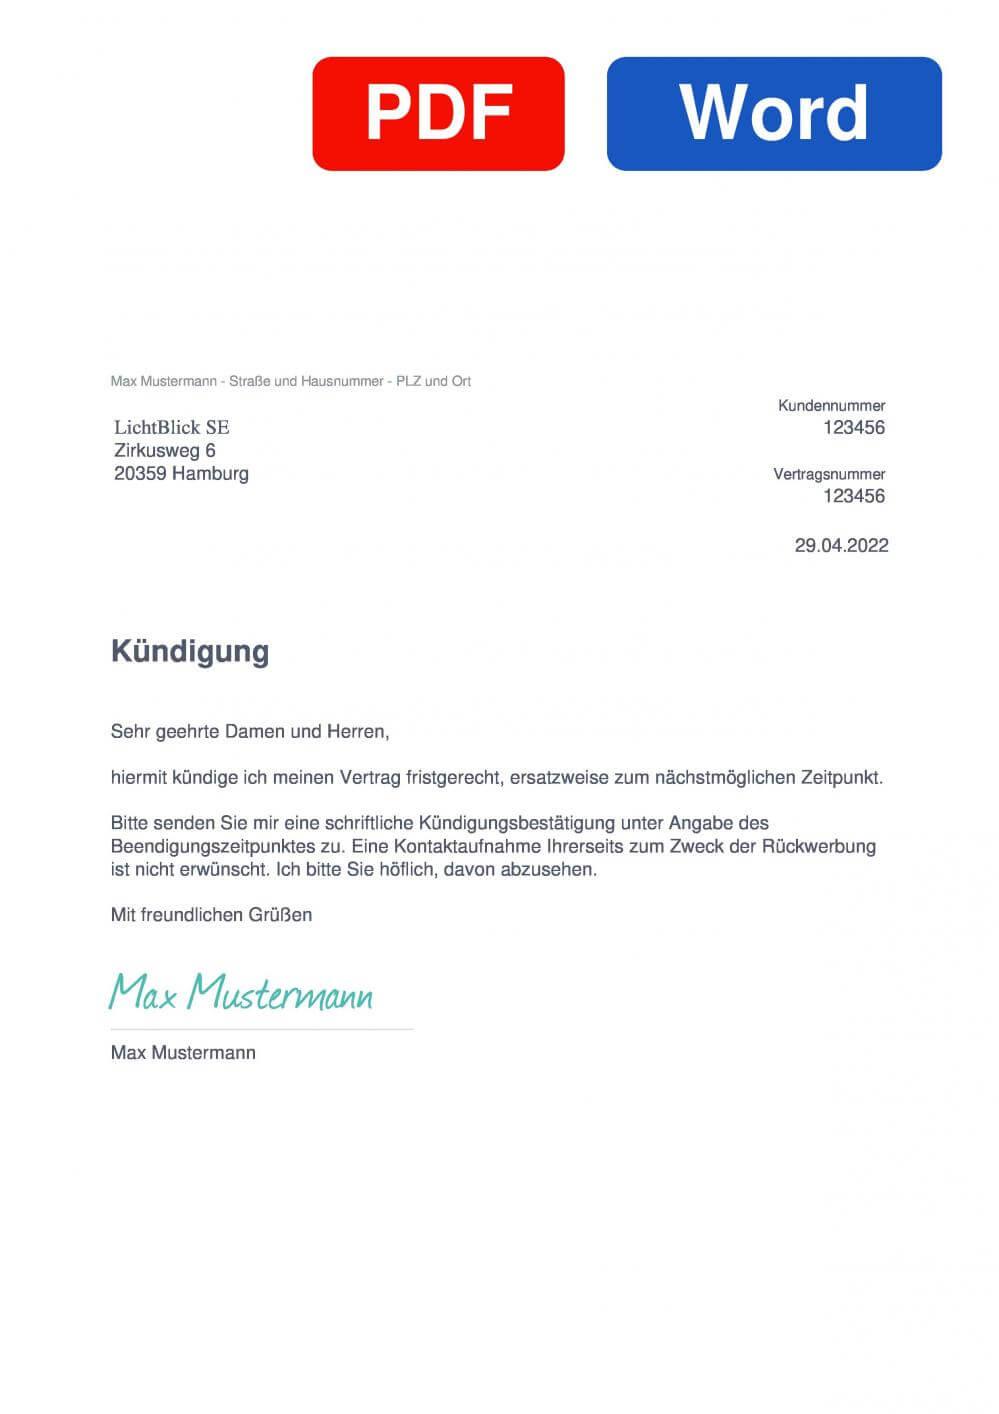 LichtBlick Muster Vorlage für Kündigungsschreiben